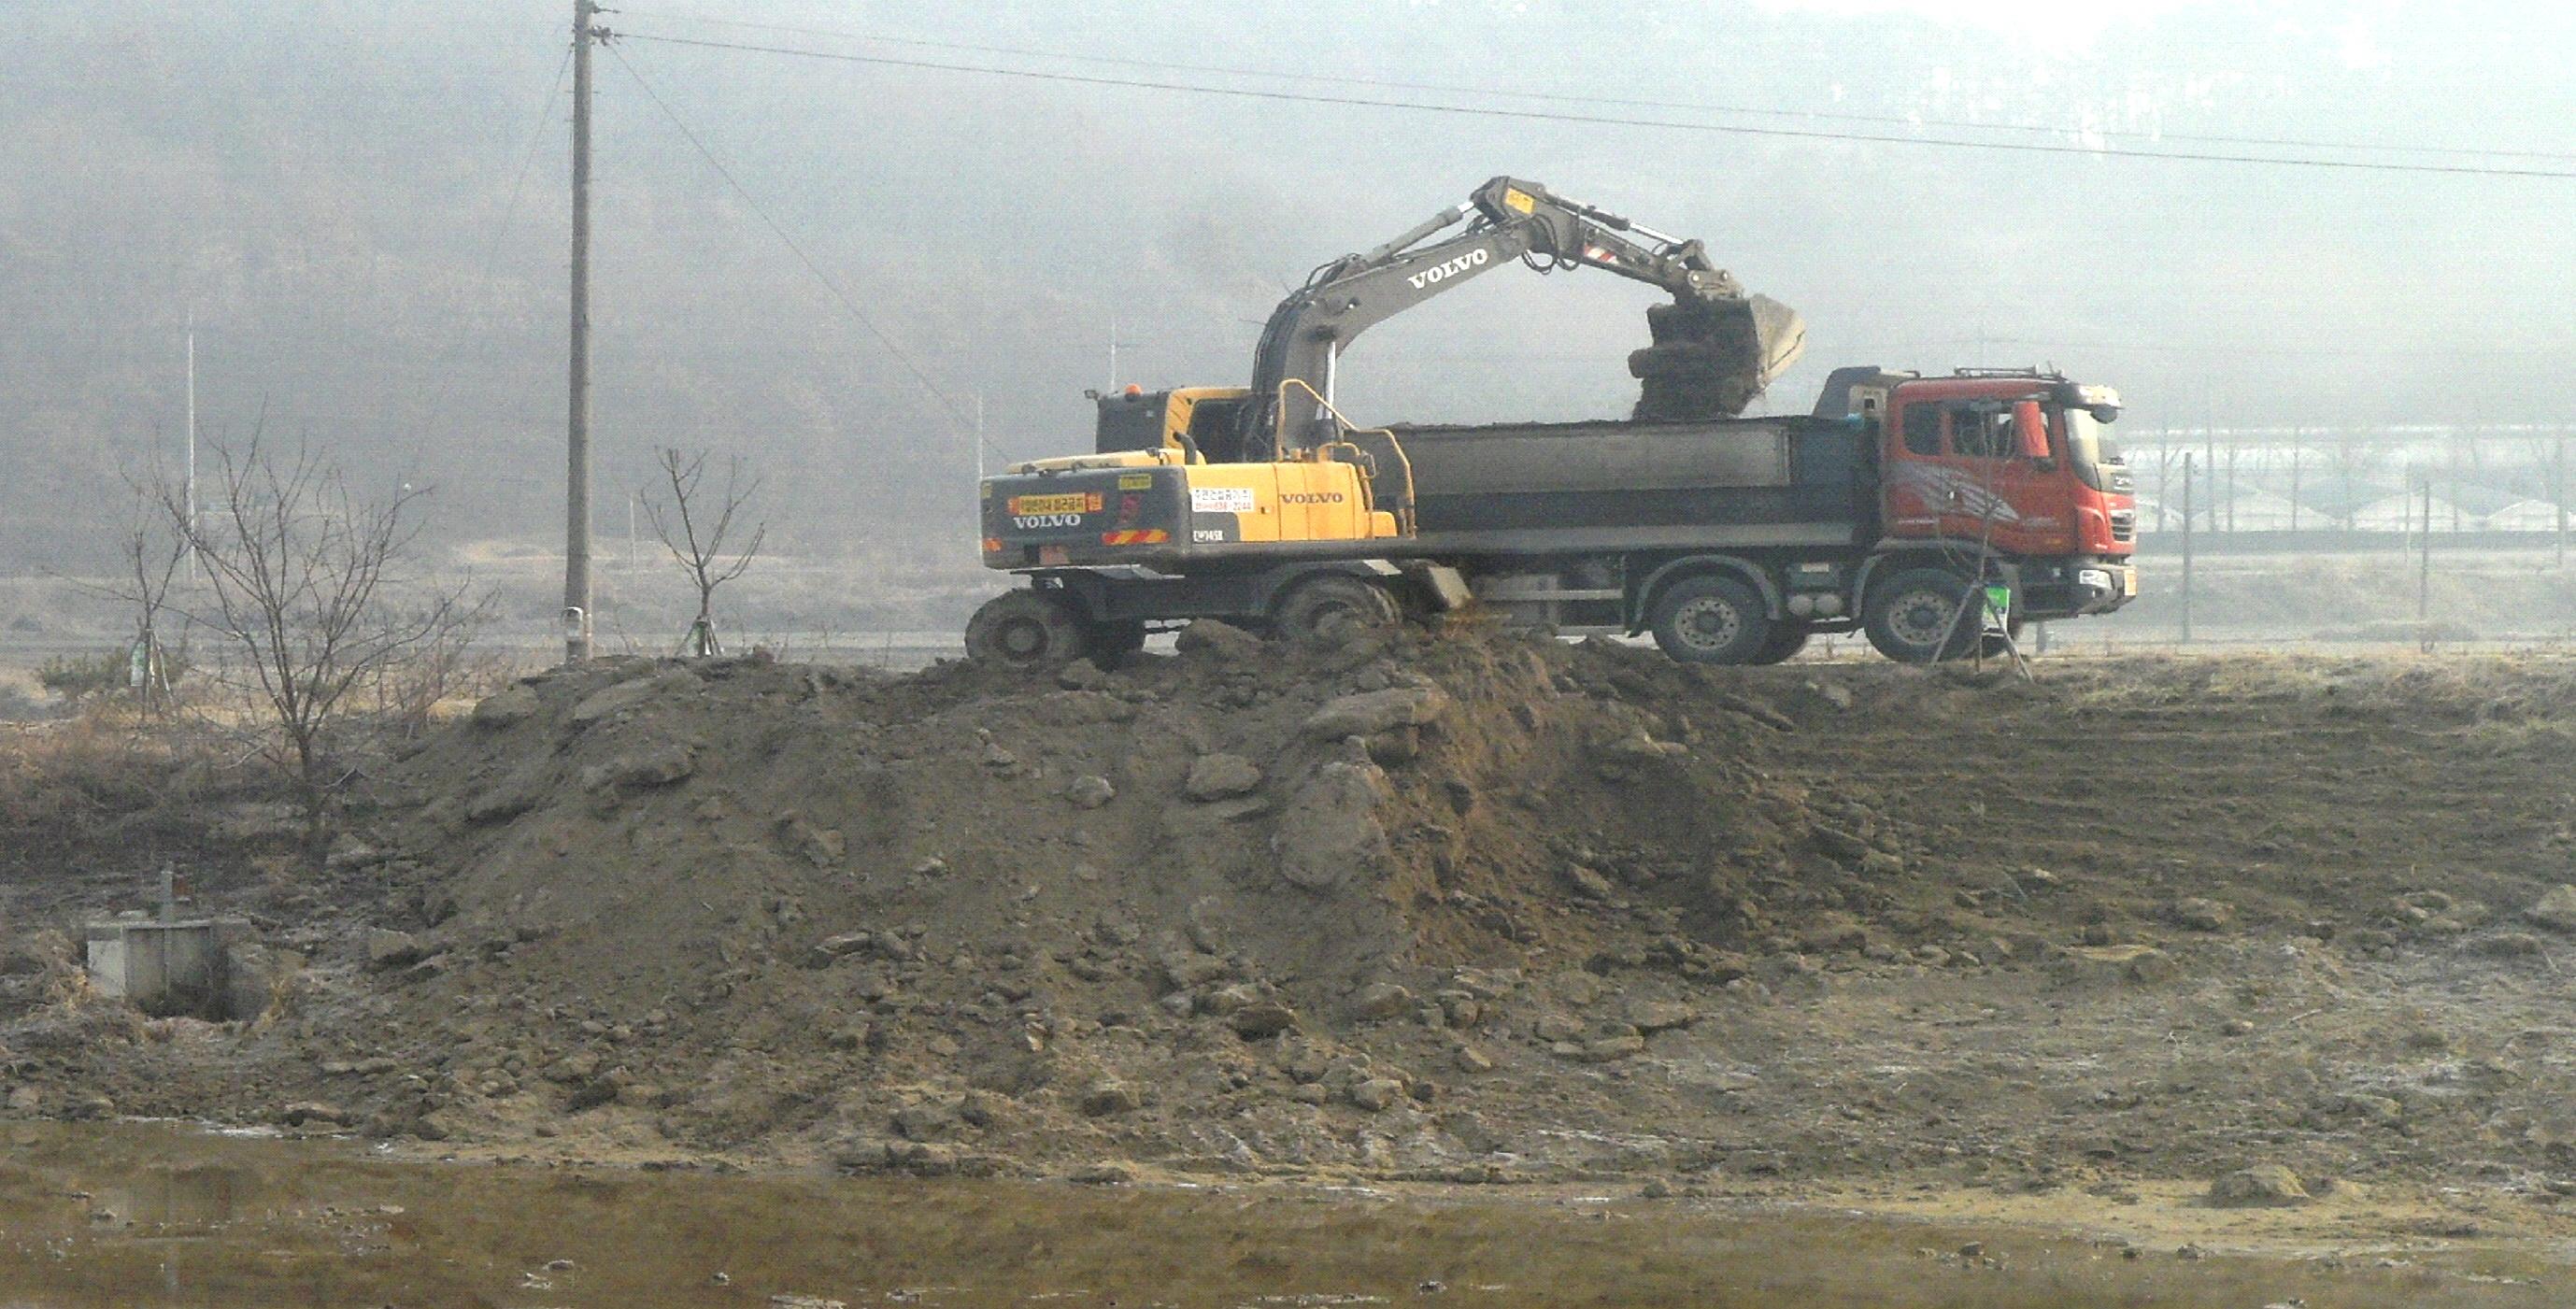 증평군, 하천정비로 여름철 재해예방 [이미지]